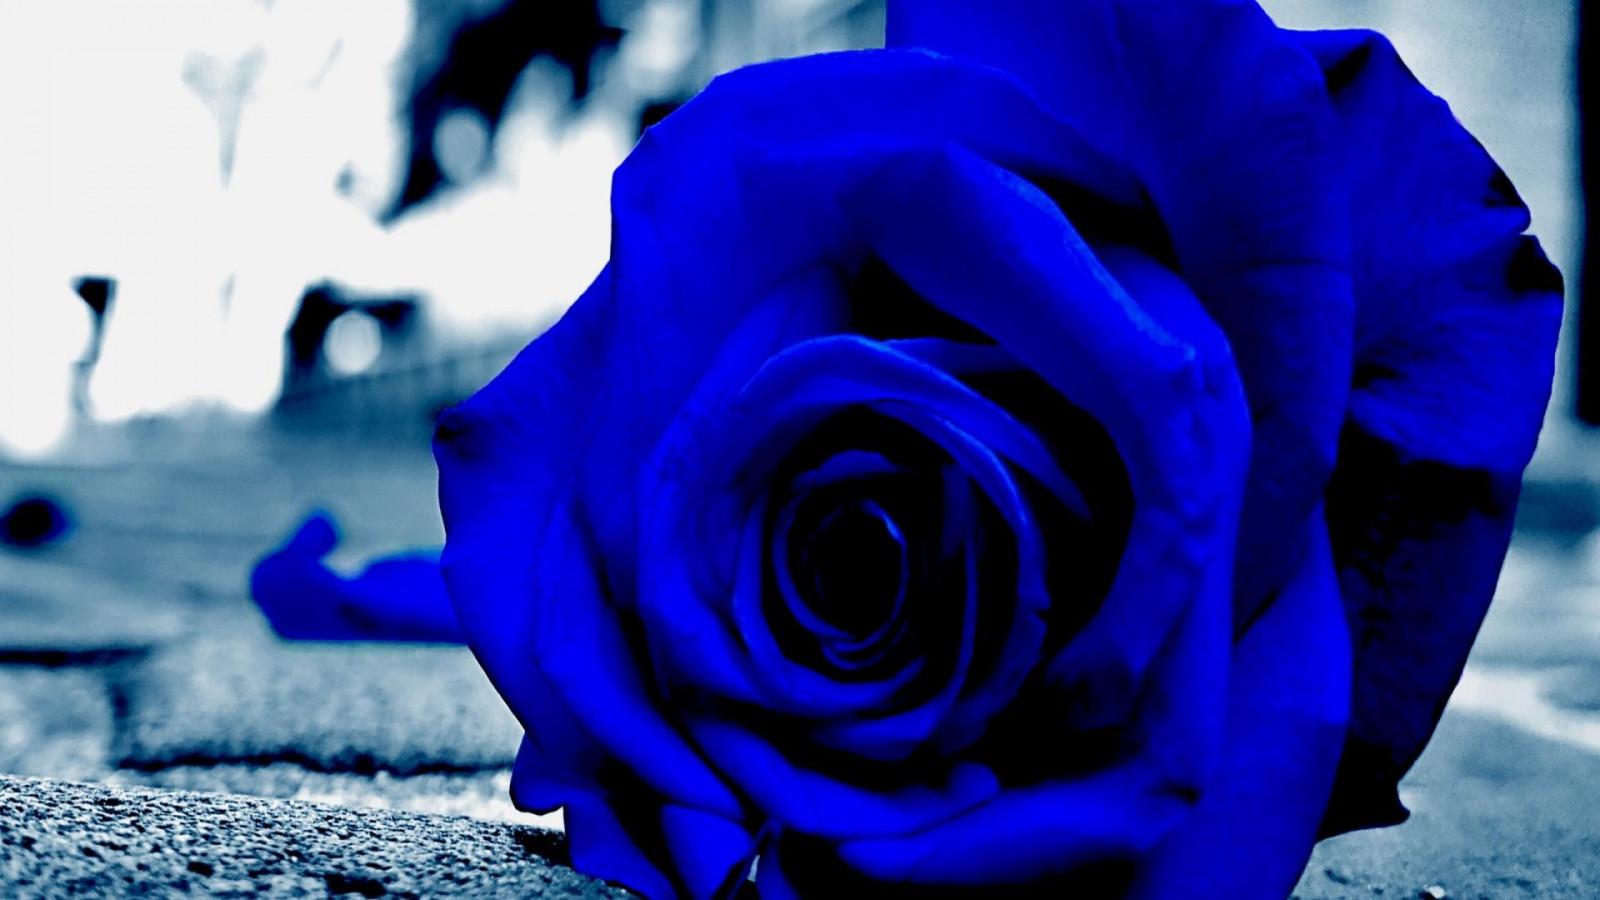 Брату день, картинки розы синие красивые